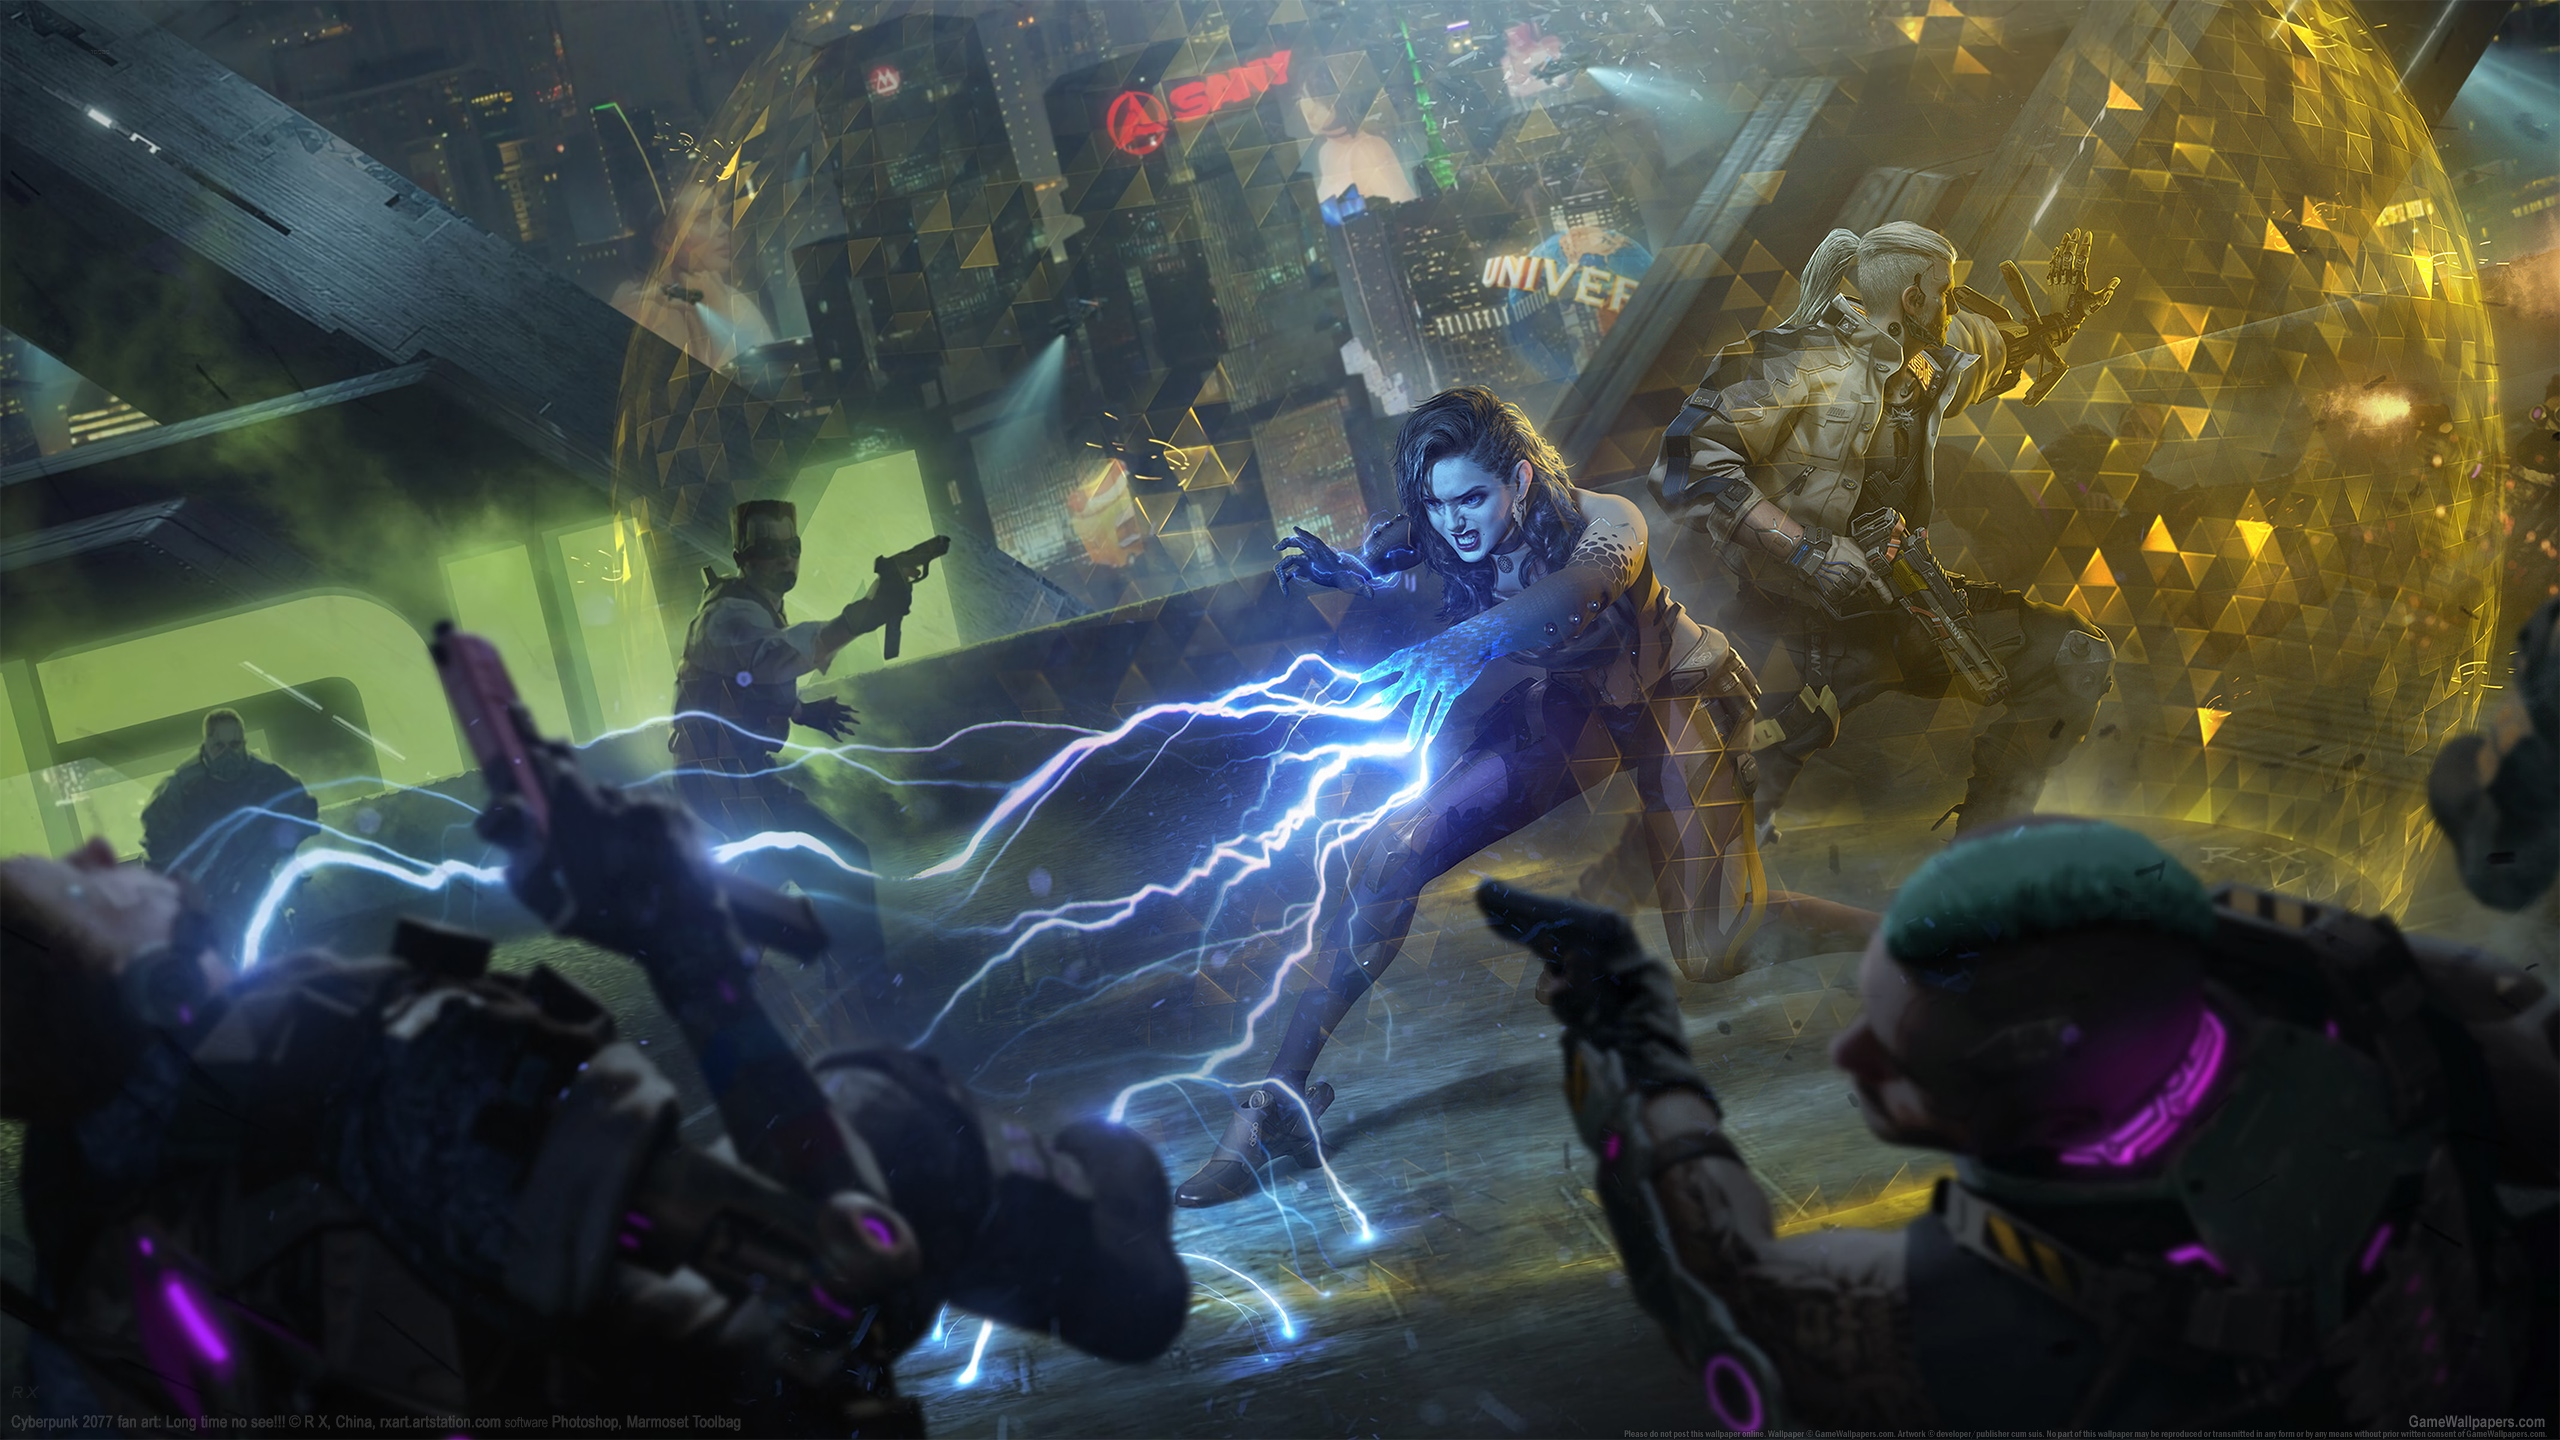 Cyberpunk 2077 fan art 2560x1440 wallpaper or background 02